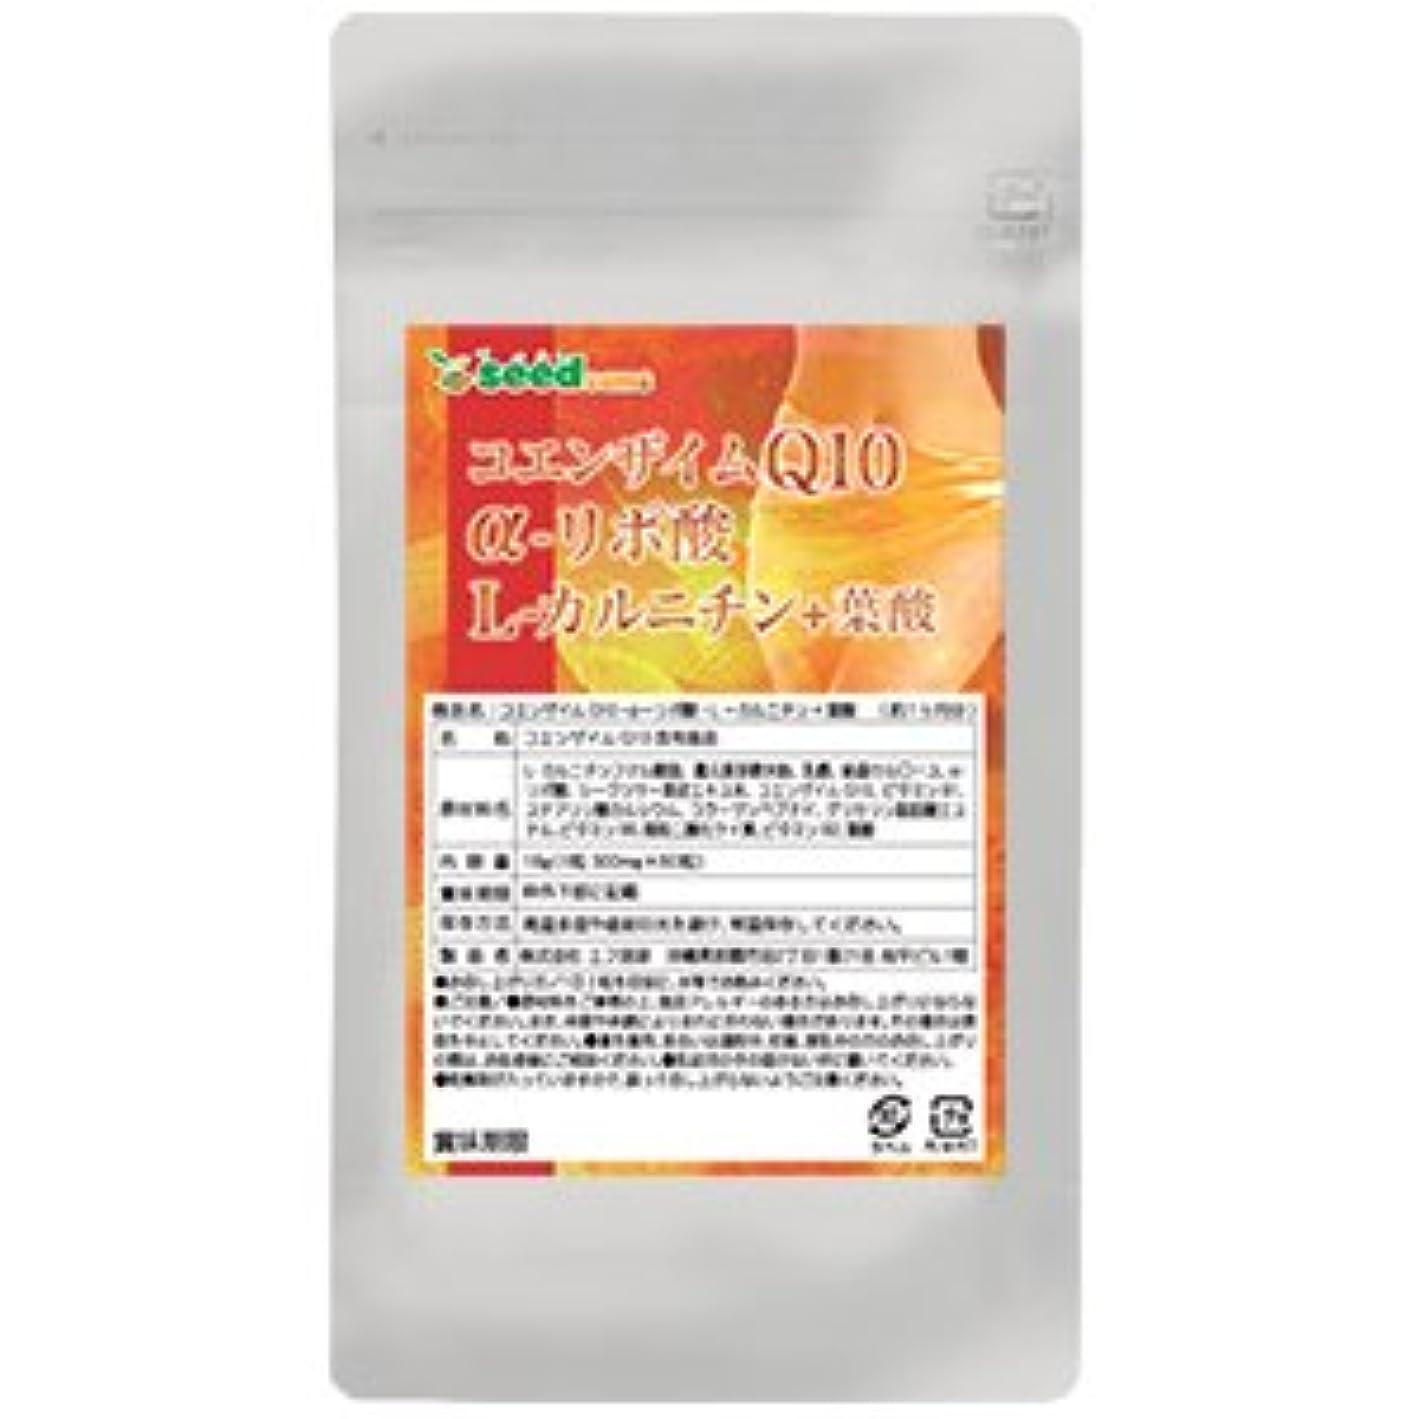 振動するロマンチック農学コエンザイムQ10 α-リポ酸 L-カルニチン + 葉酸 (約3ヶ月分/180粒) シークワーサーエキス配合